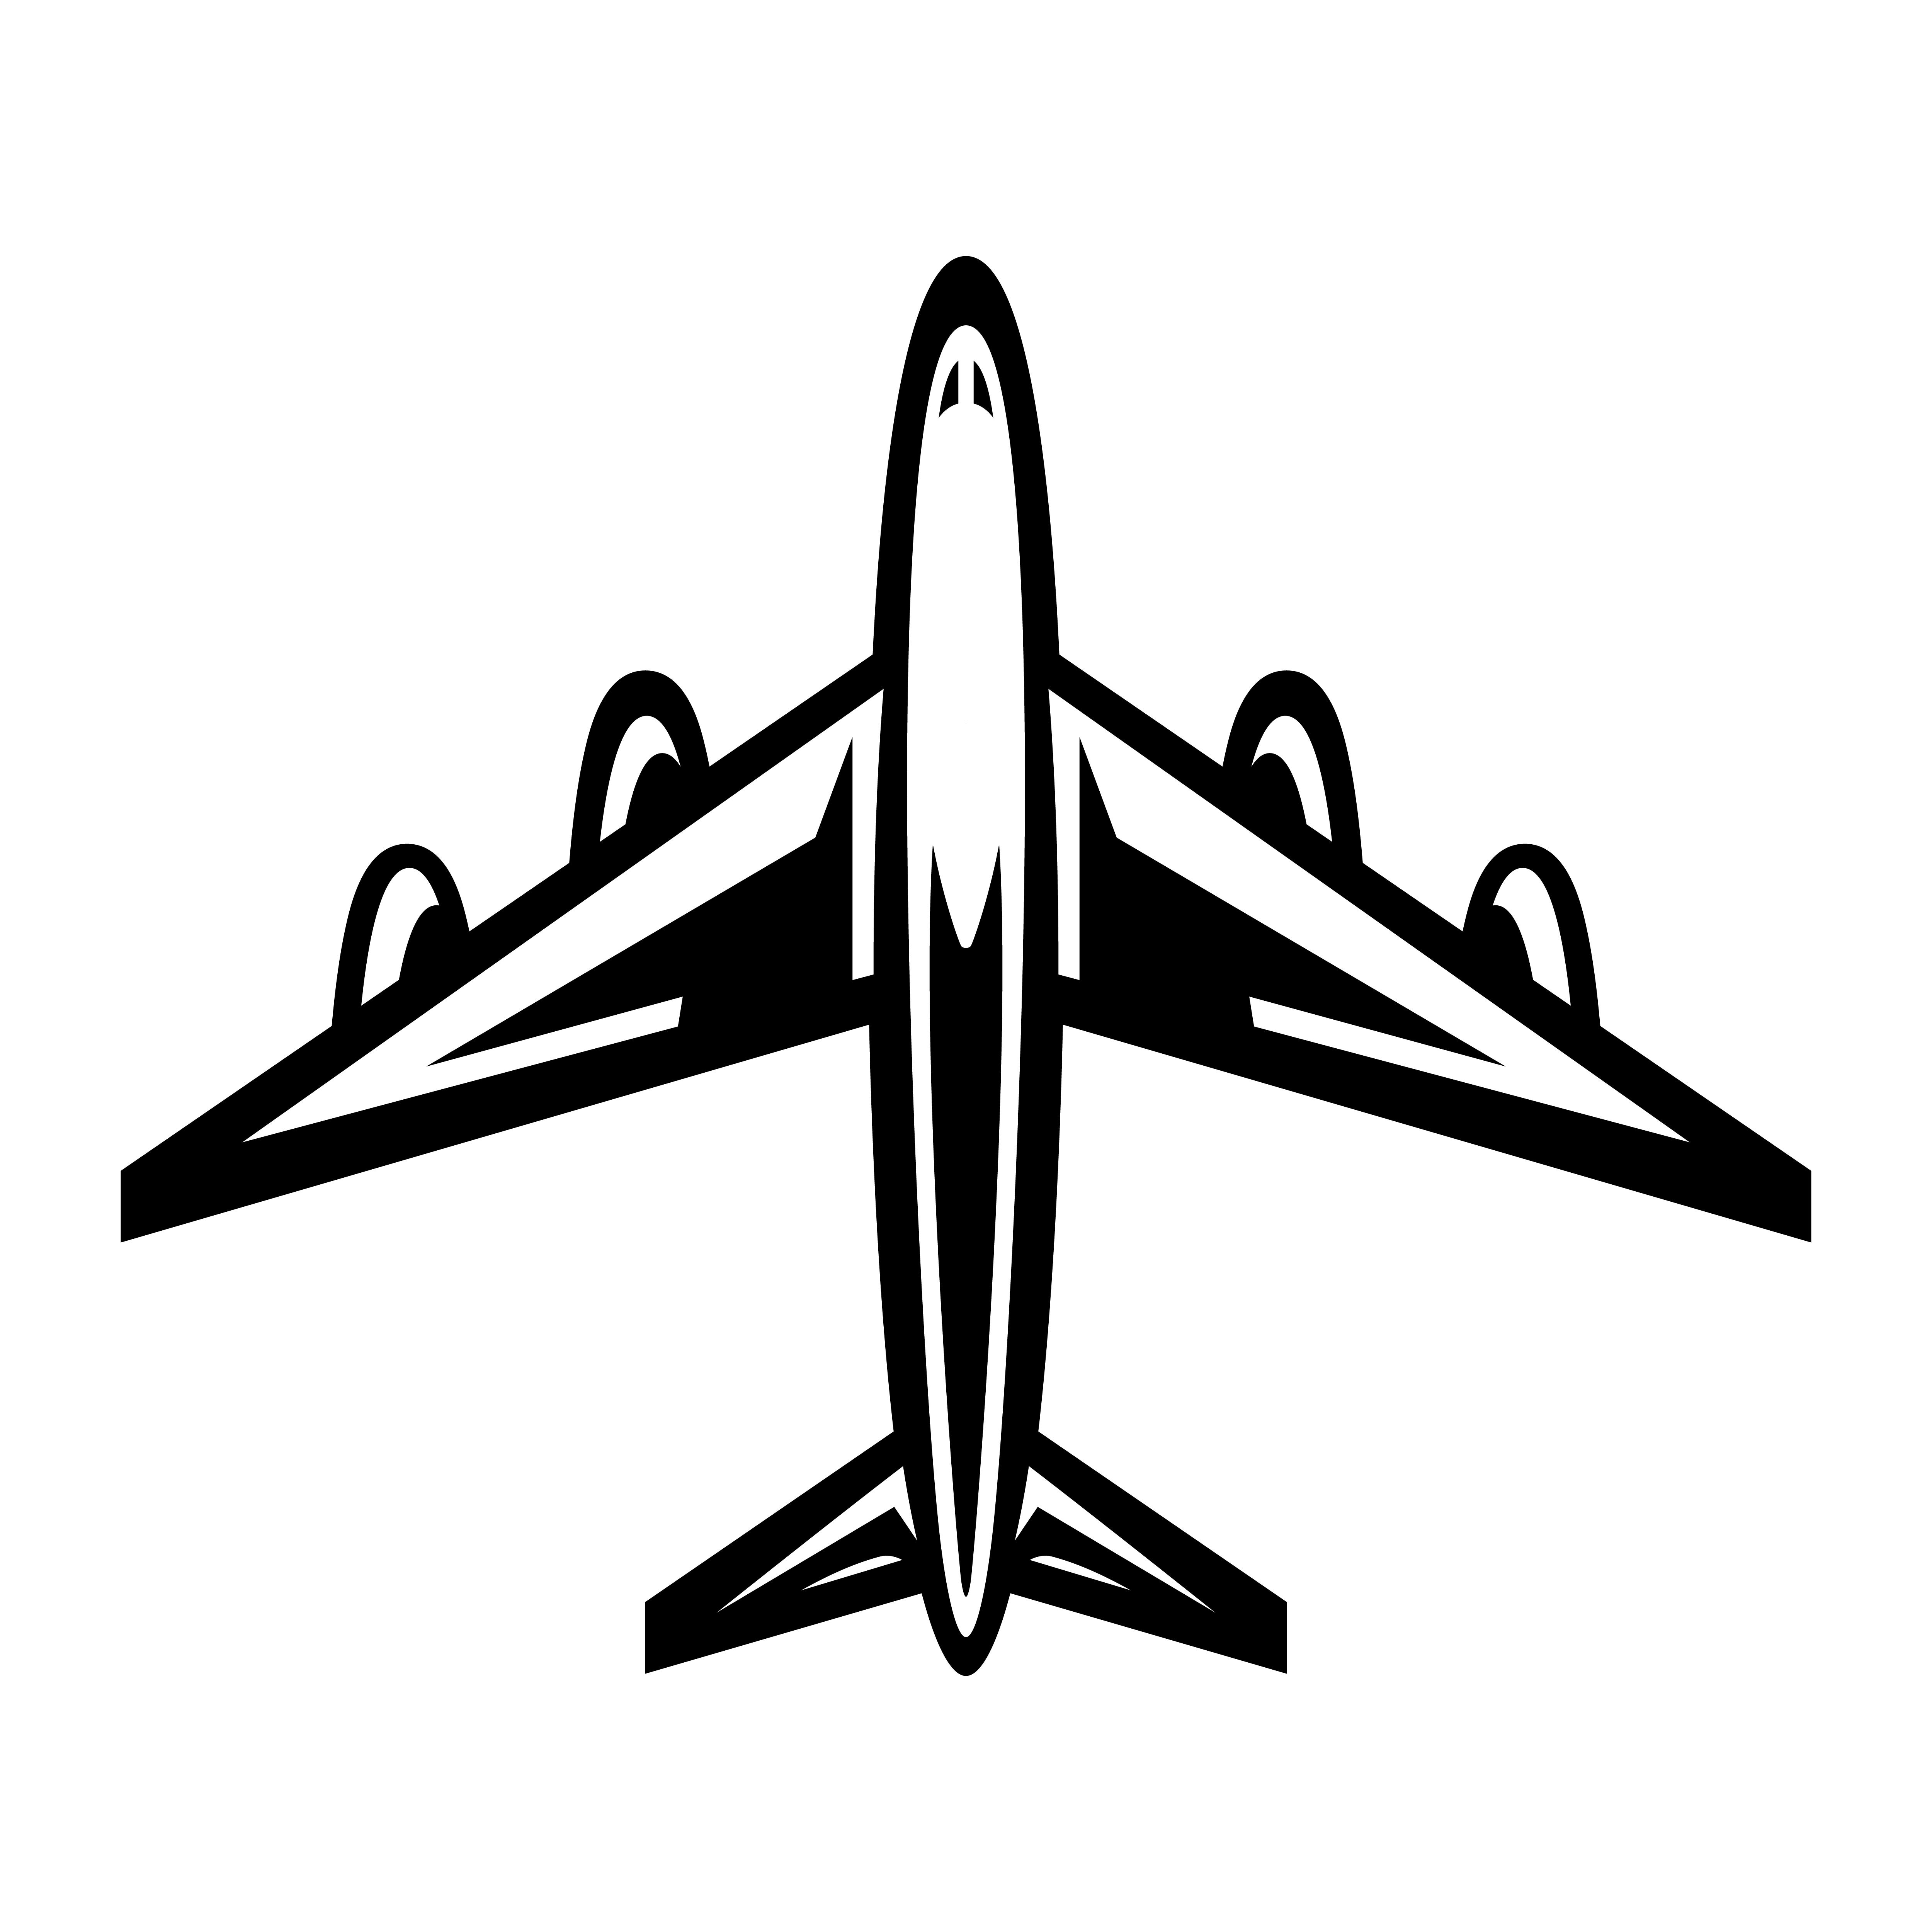 q 版飛機 免費下載 | 天天瘋後製